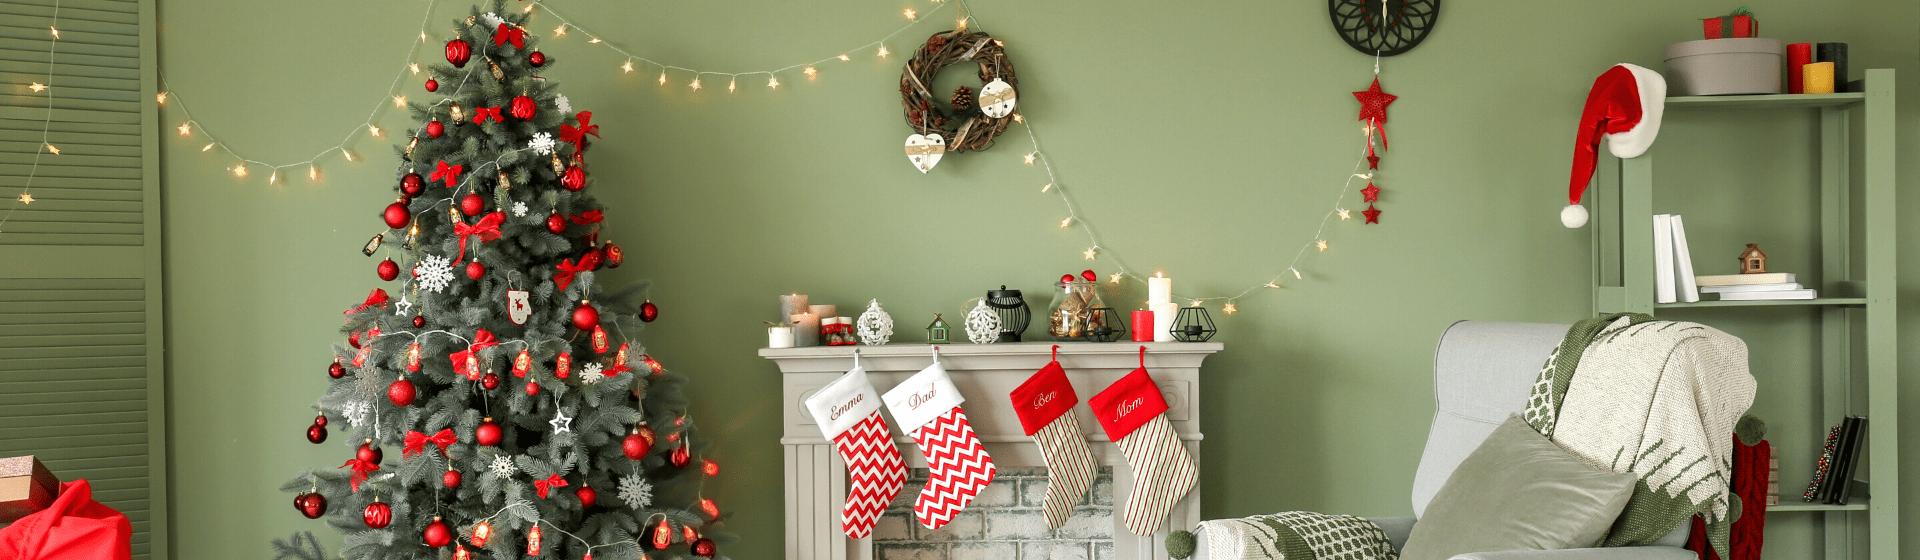 Decoração de Natal 2020: tendências para decorar a casa para o Natal